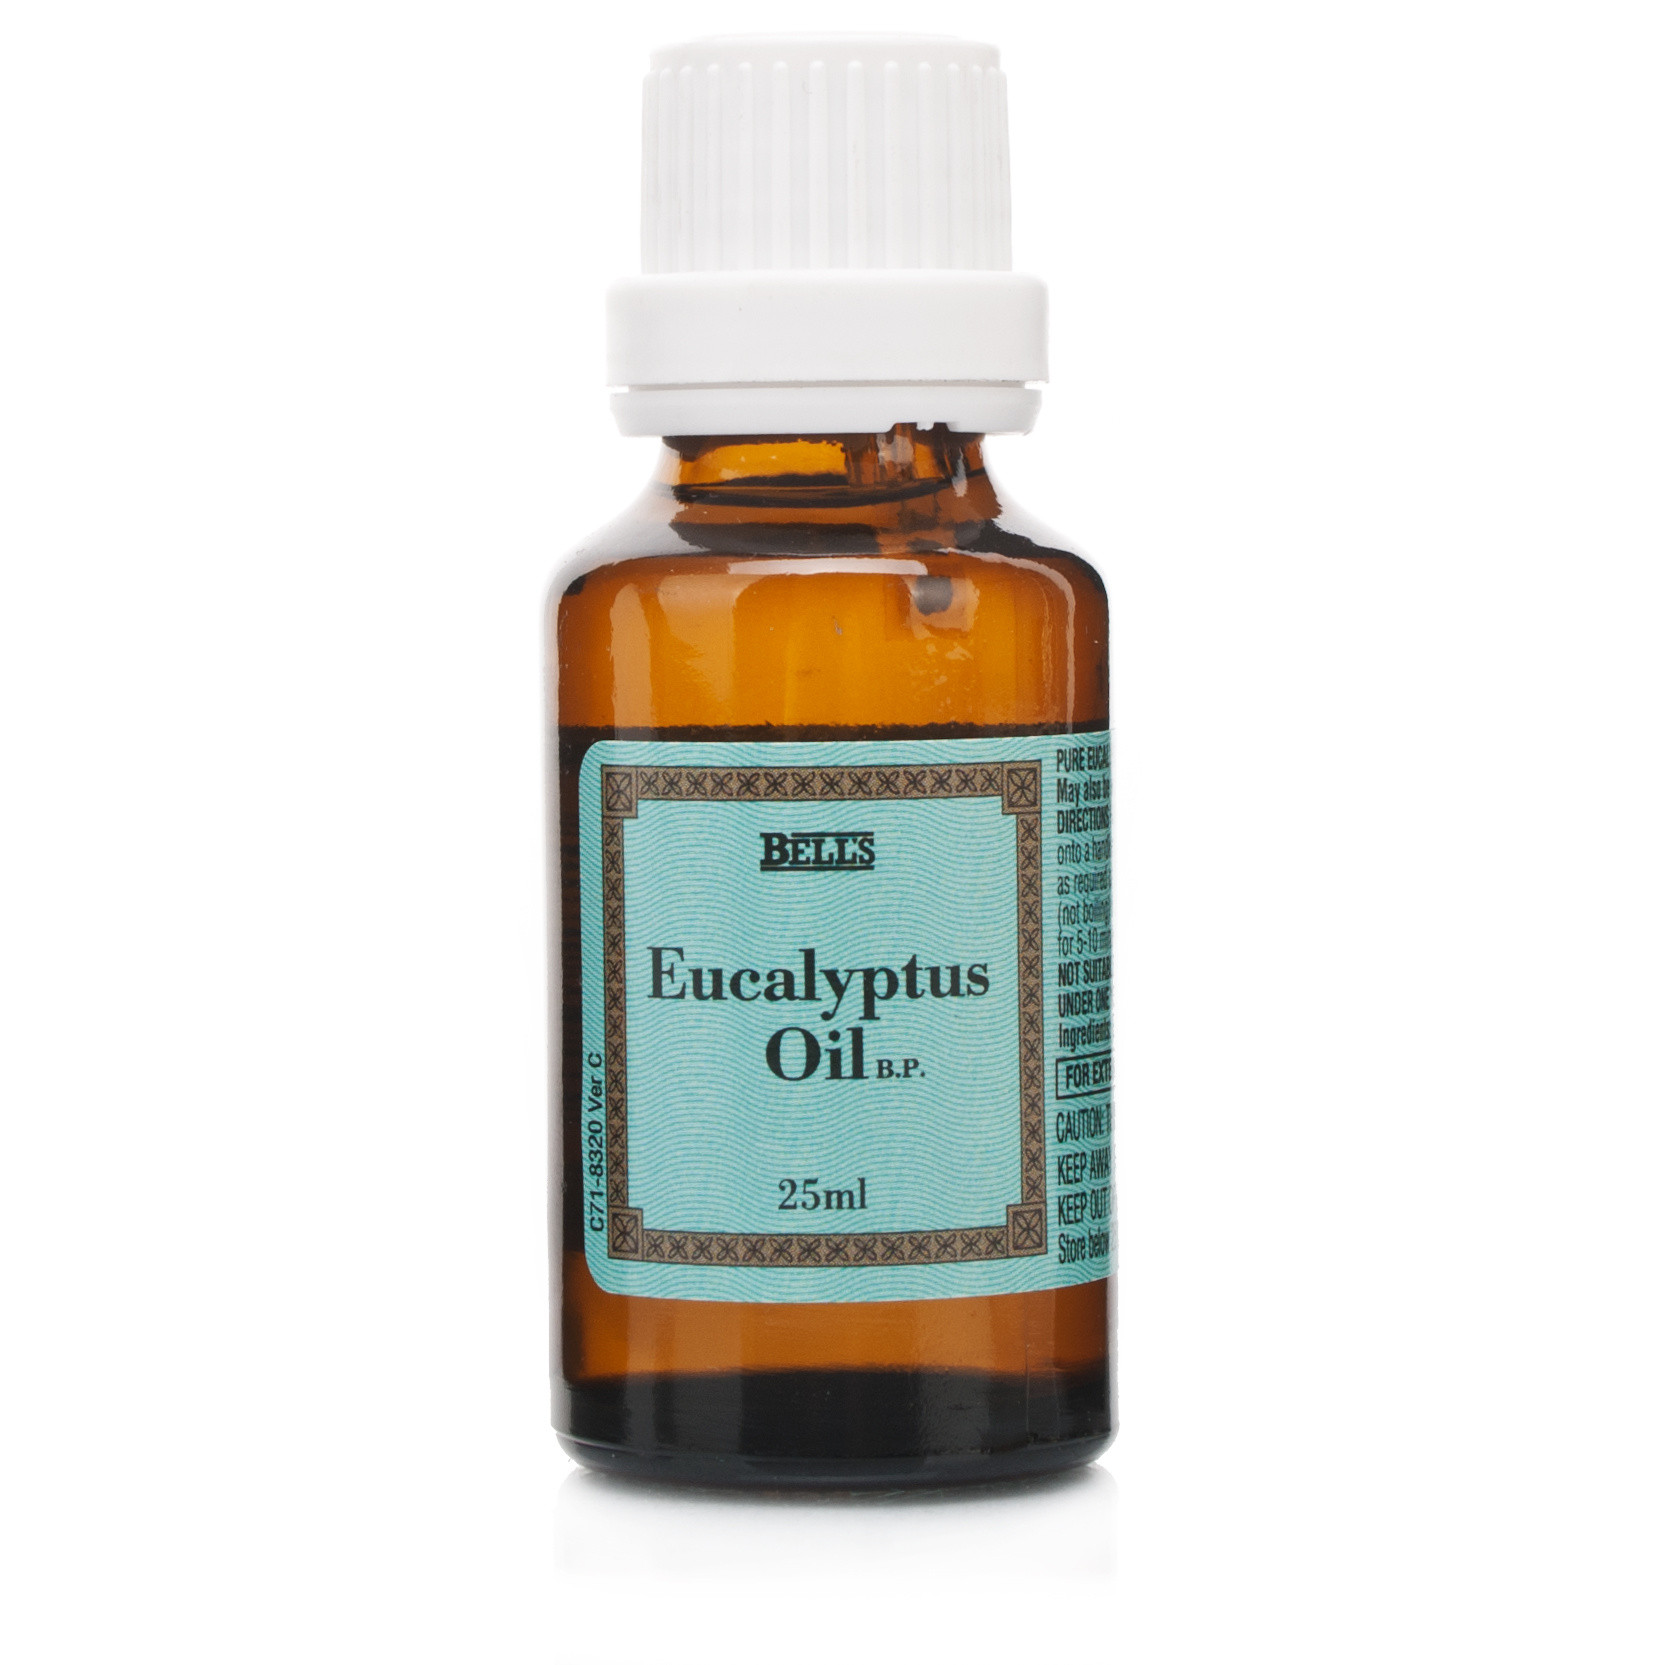 Eucalyptus Oil Bp